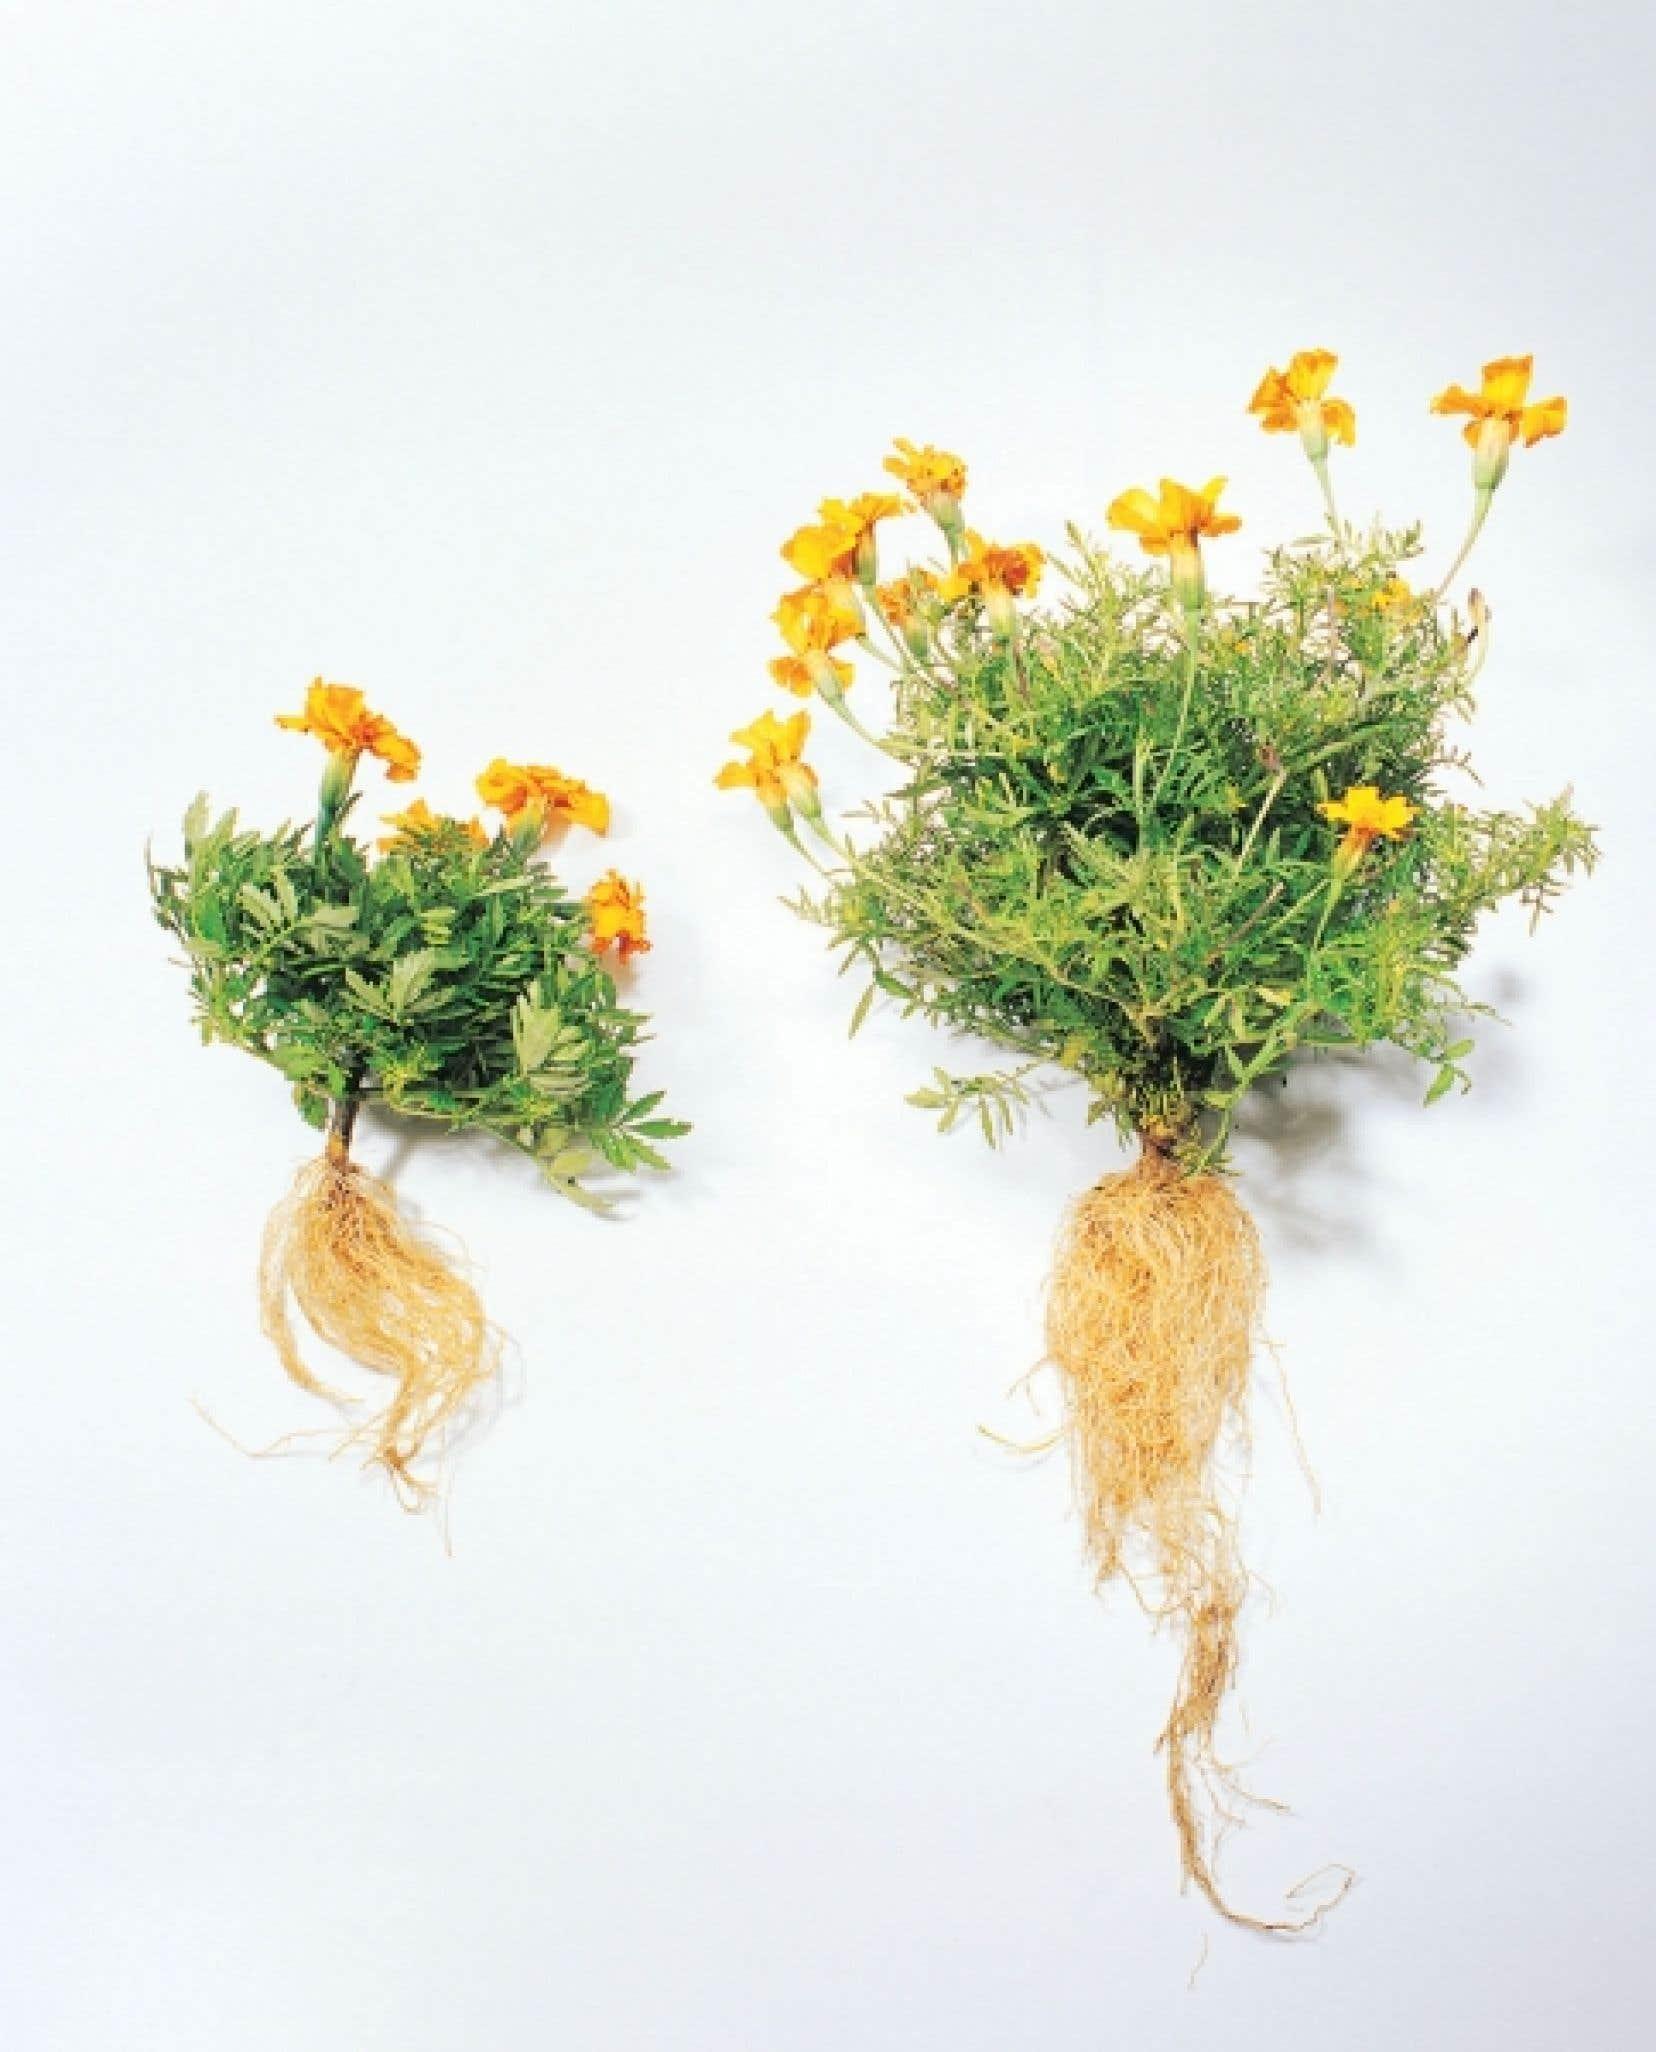 Le tagète situé à droite a été cultivé avec des mycorhizes.